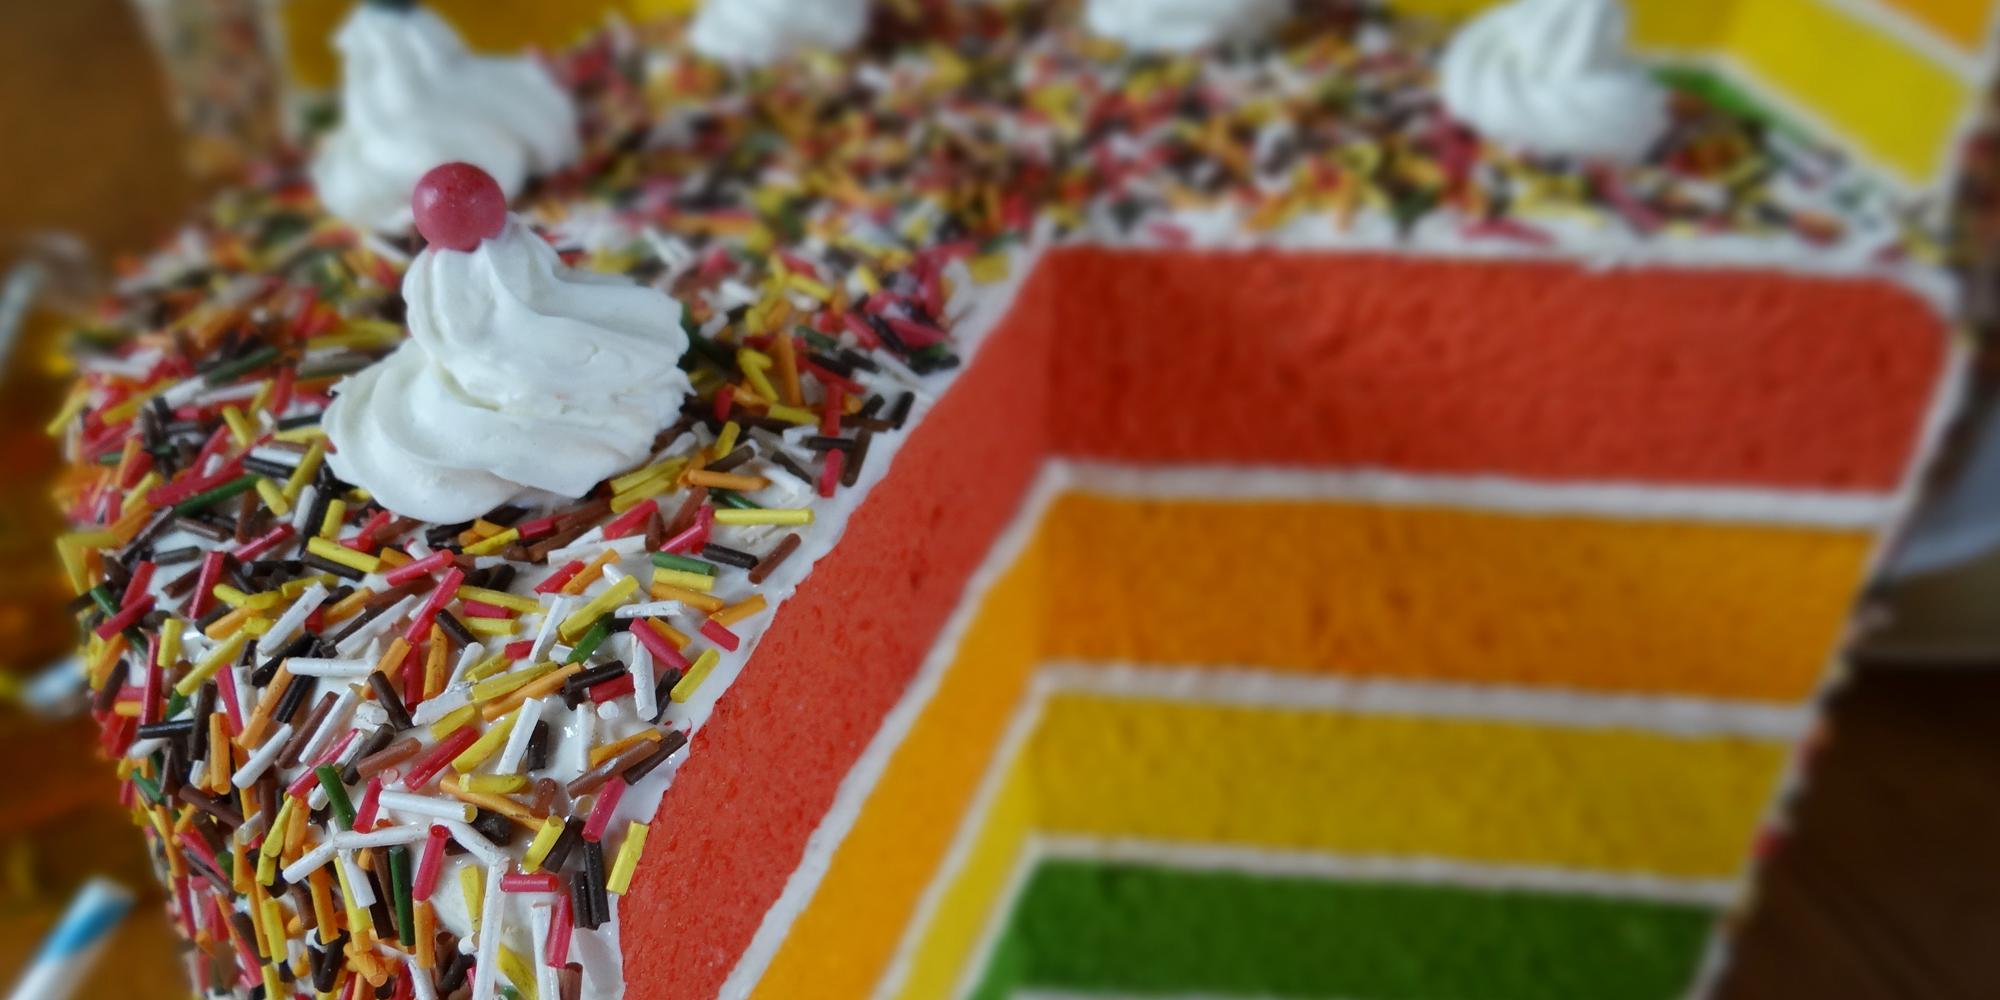 gâteau rainbow cake factice fait par l'Atelier Cobalt Fx pour les vitrines des produits pour pâtisserie Vahiné